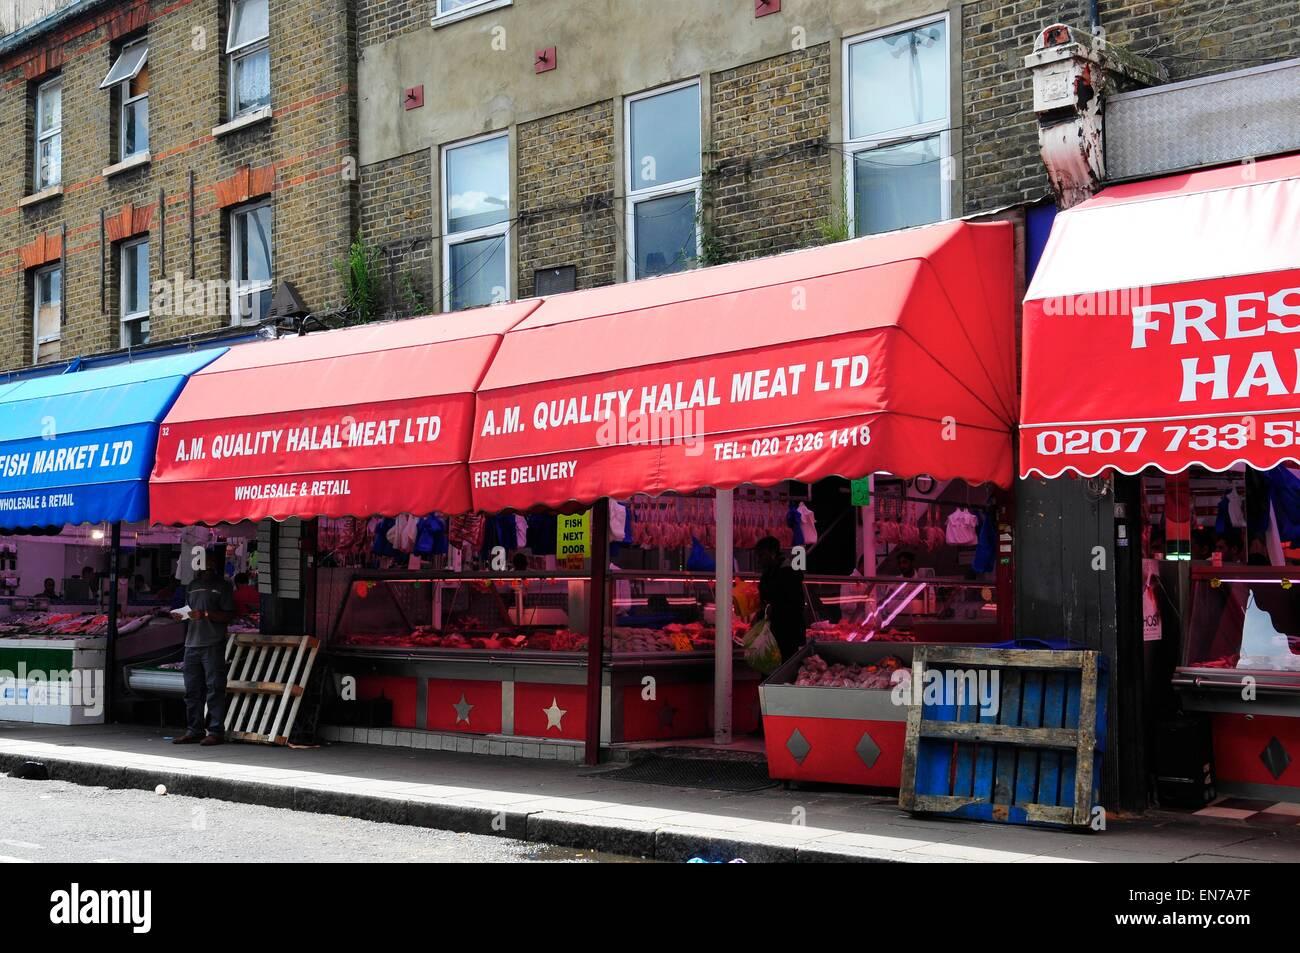 Halal Meat Shop, Brixton Market, Brixton, London, England